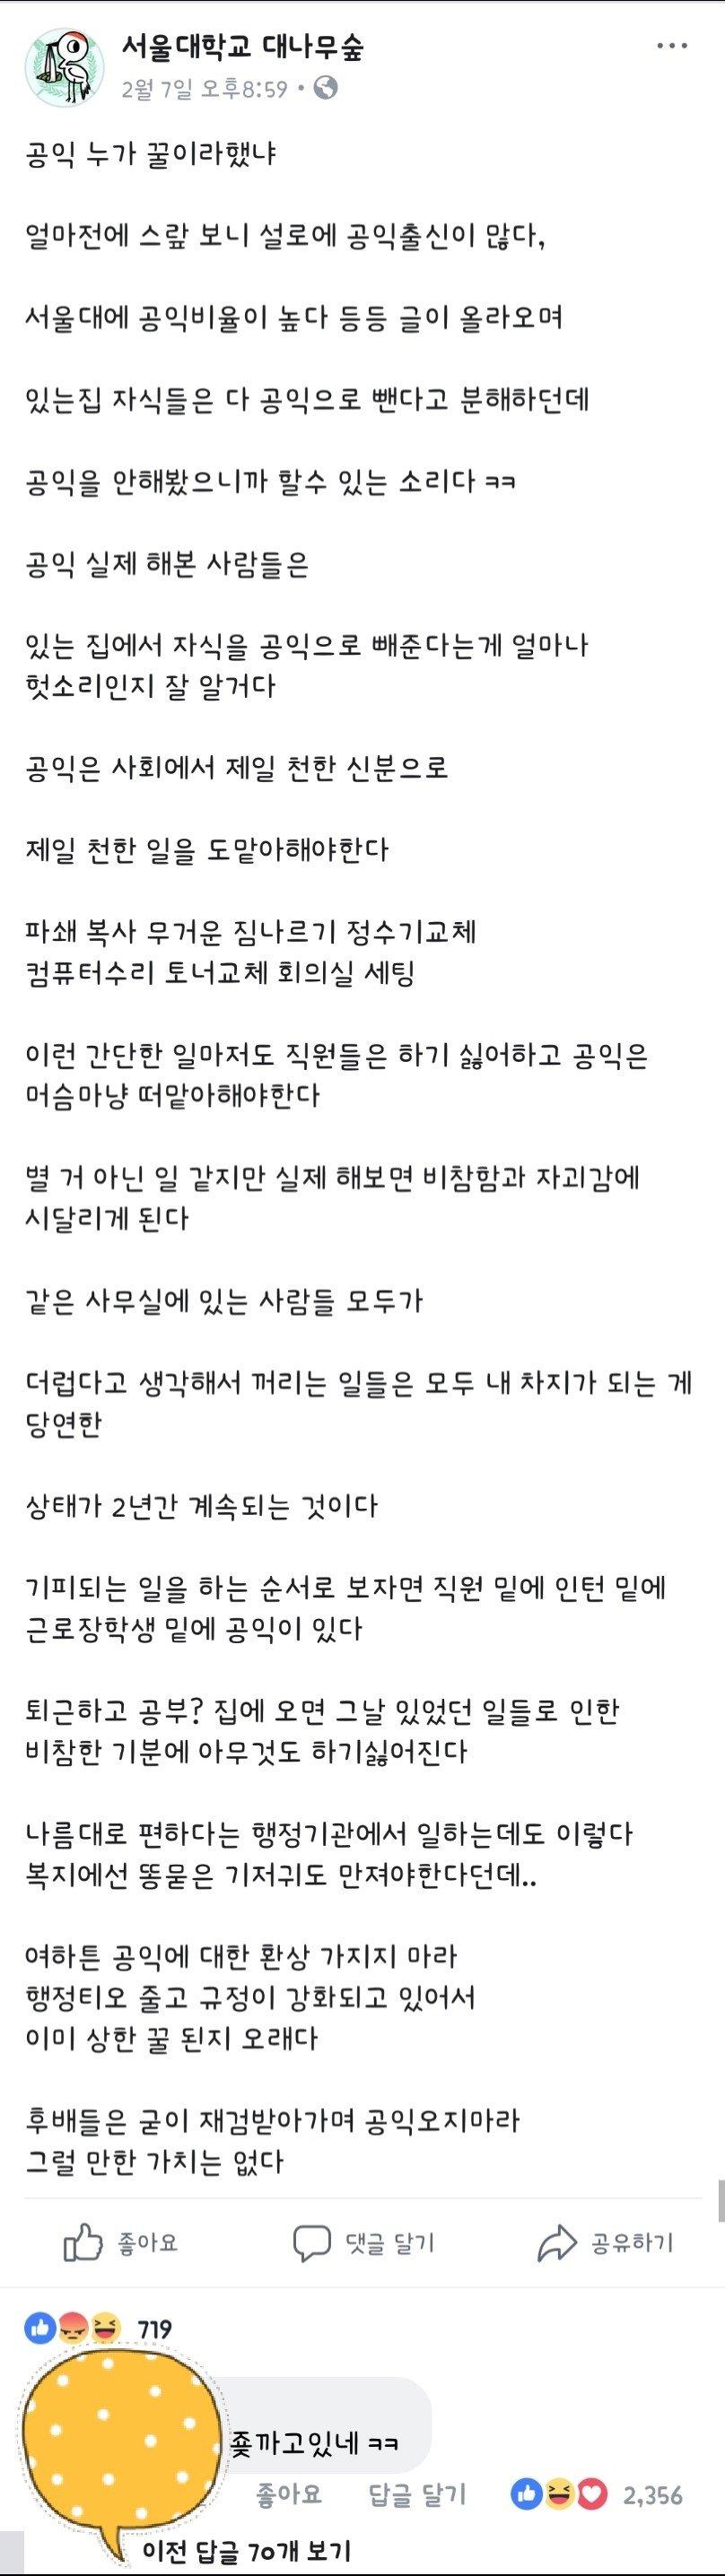 서울대 출신이 말하는 공익의 비애